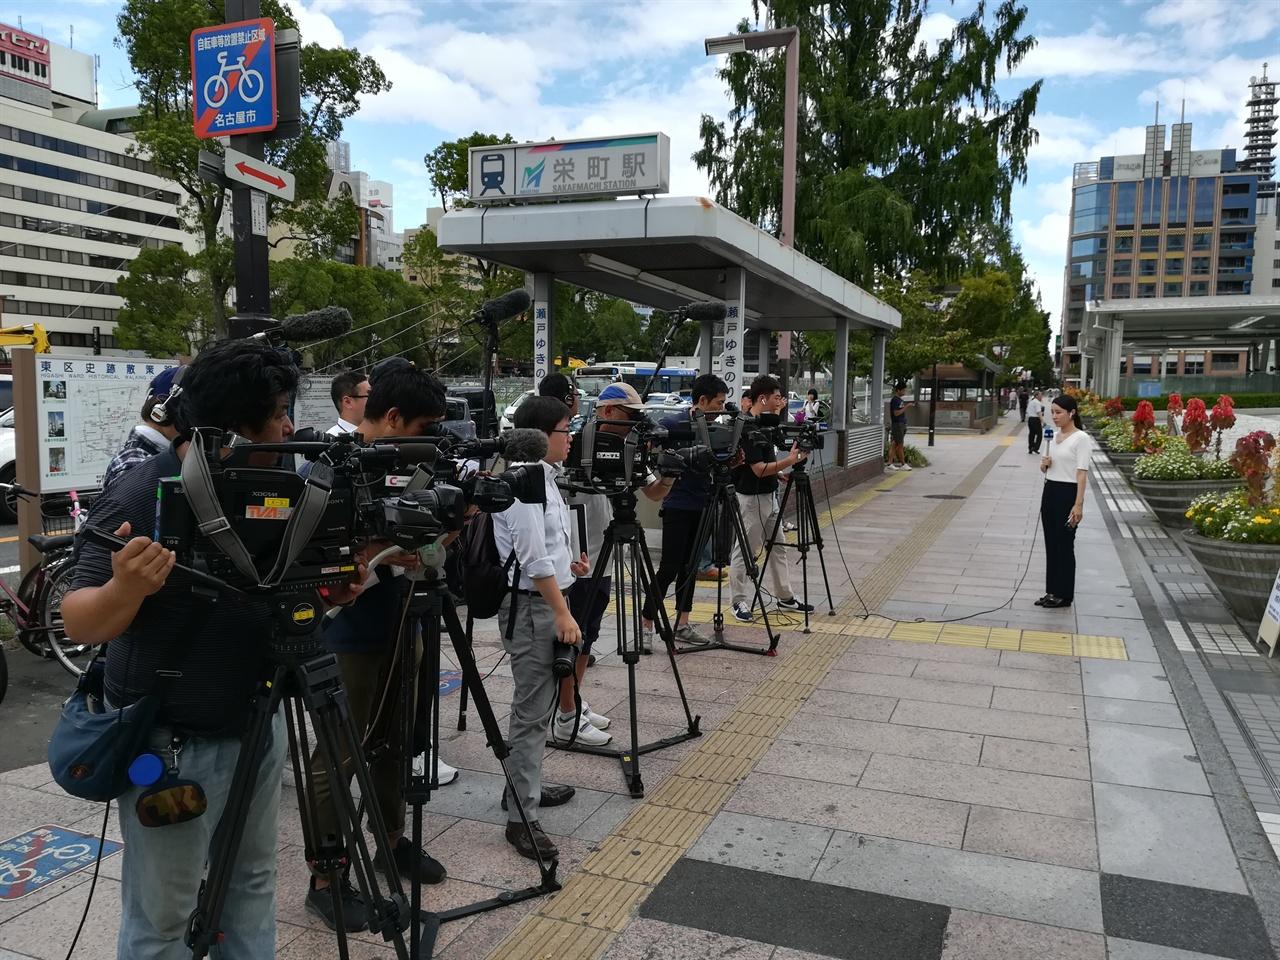 '표현의 부자유전, 그 후'재개를 위한 시민집회를 취재하러 온 언론들.